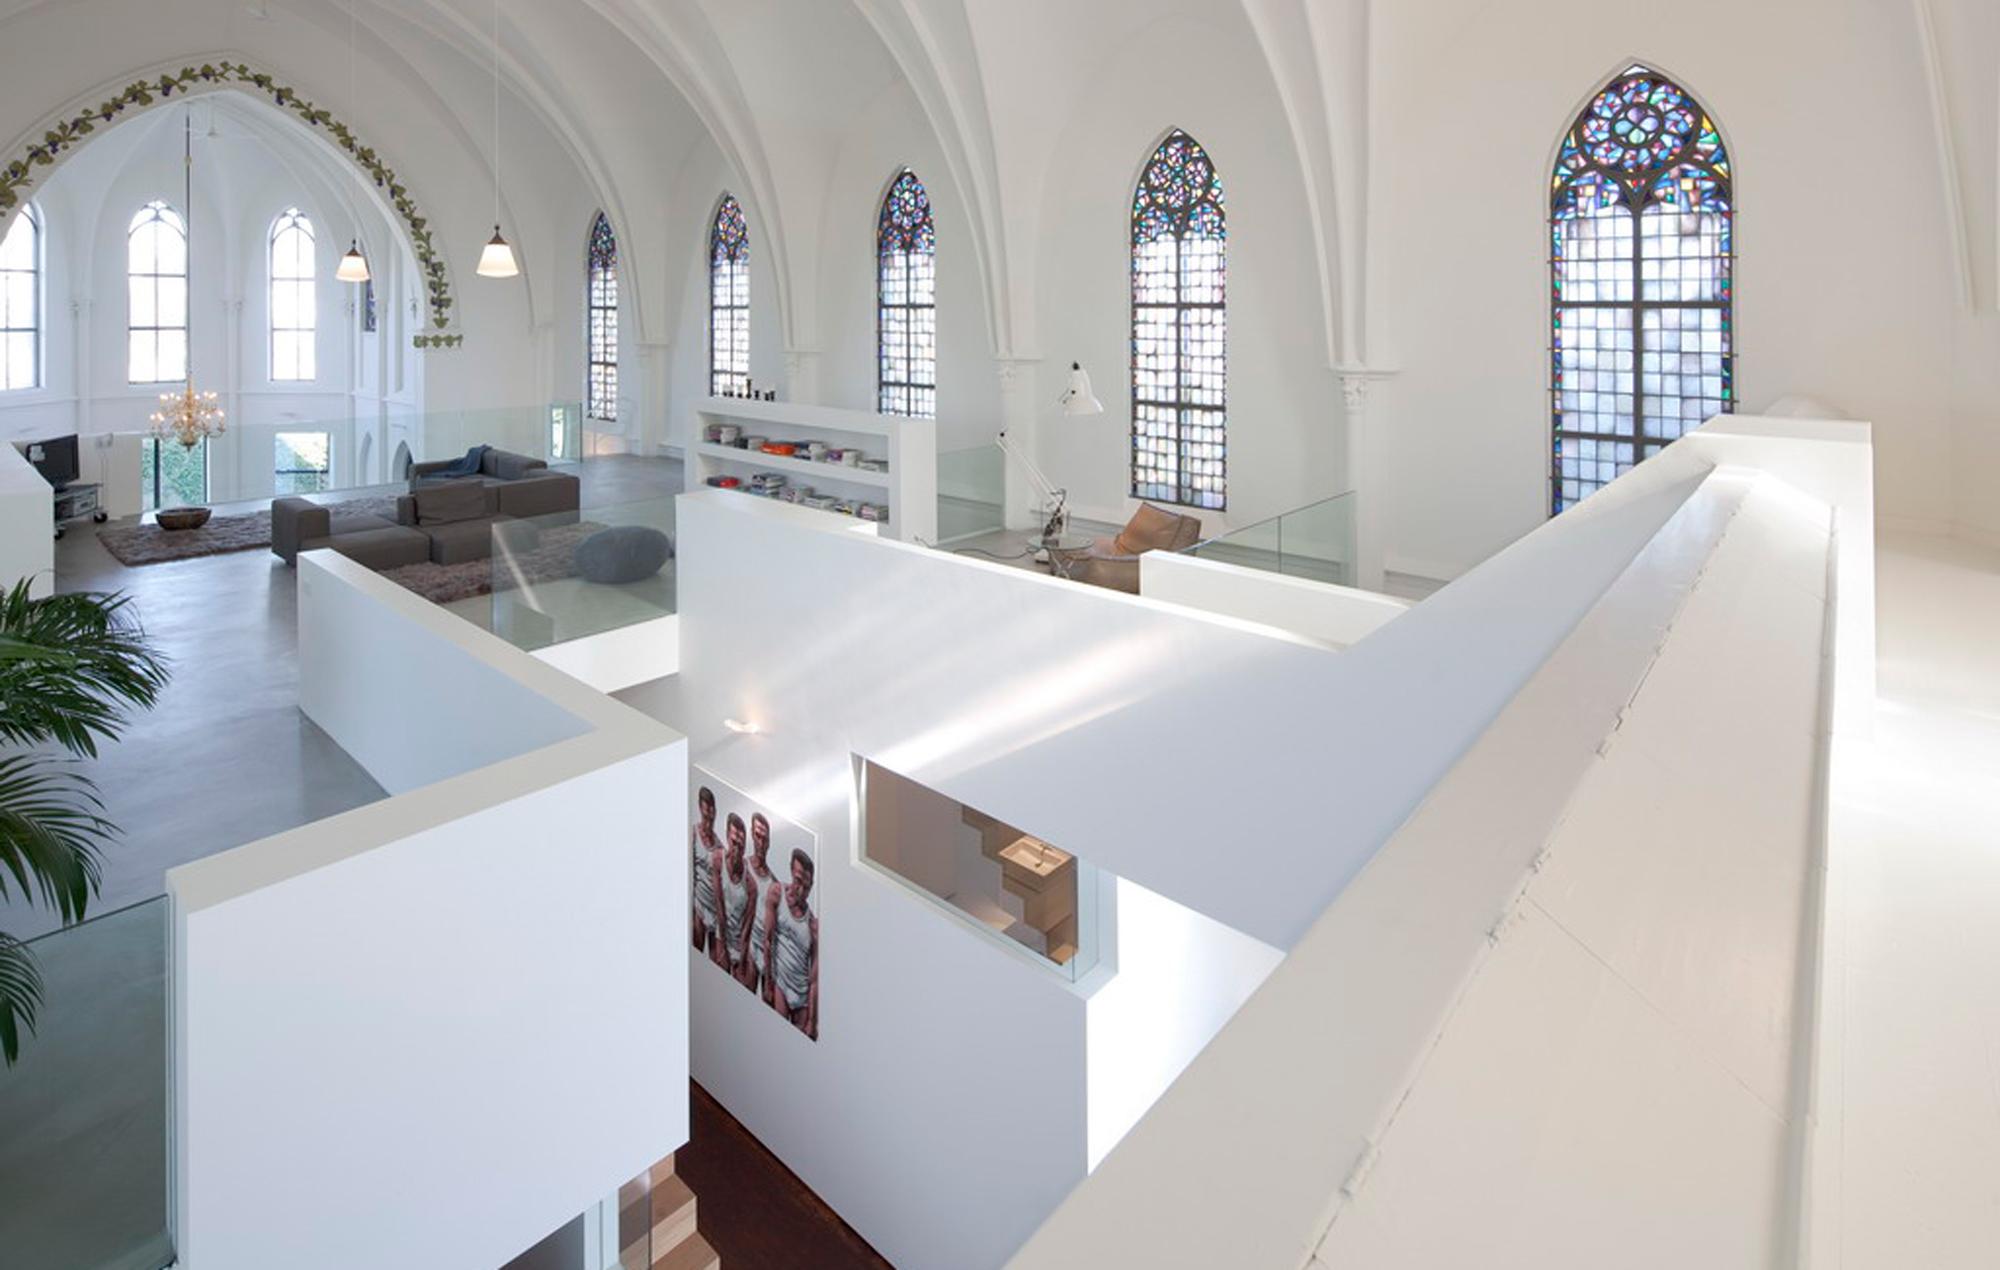 Gamle kirker bliver til nye luksusboliger